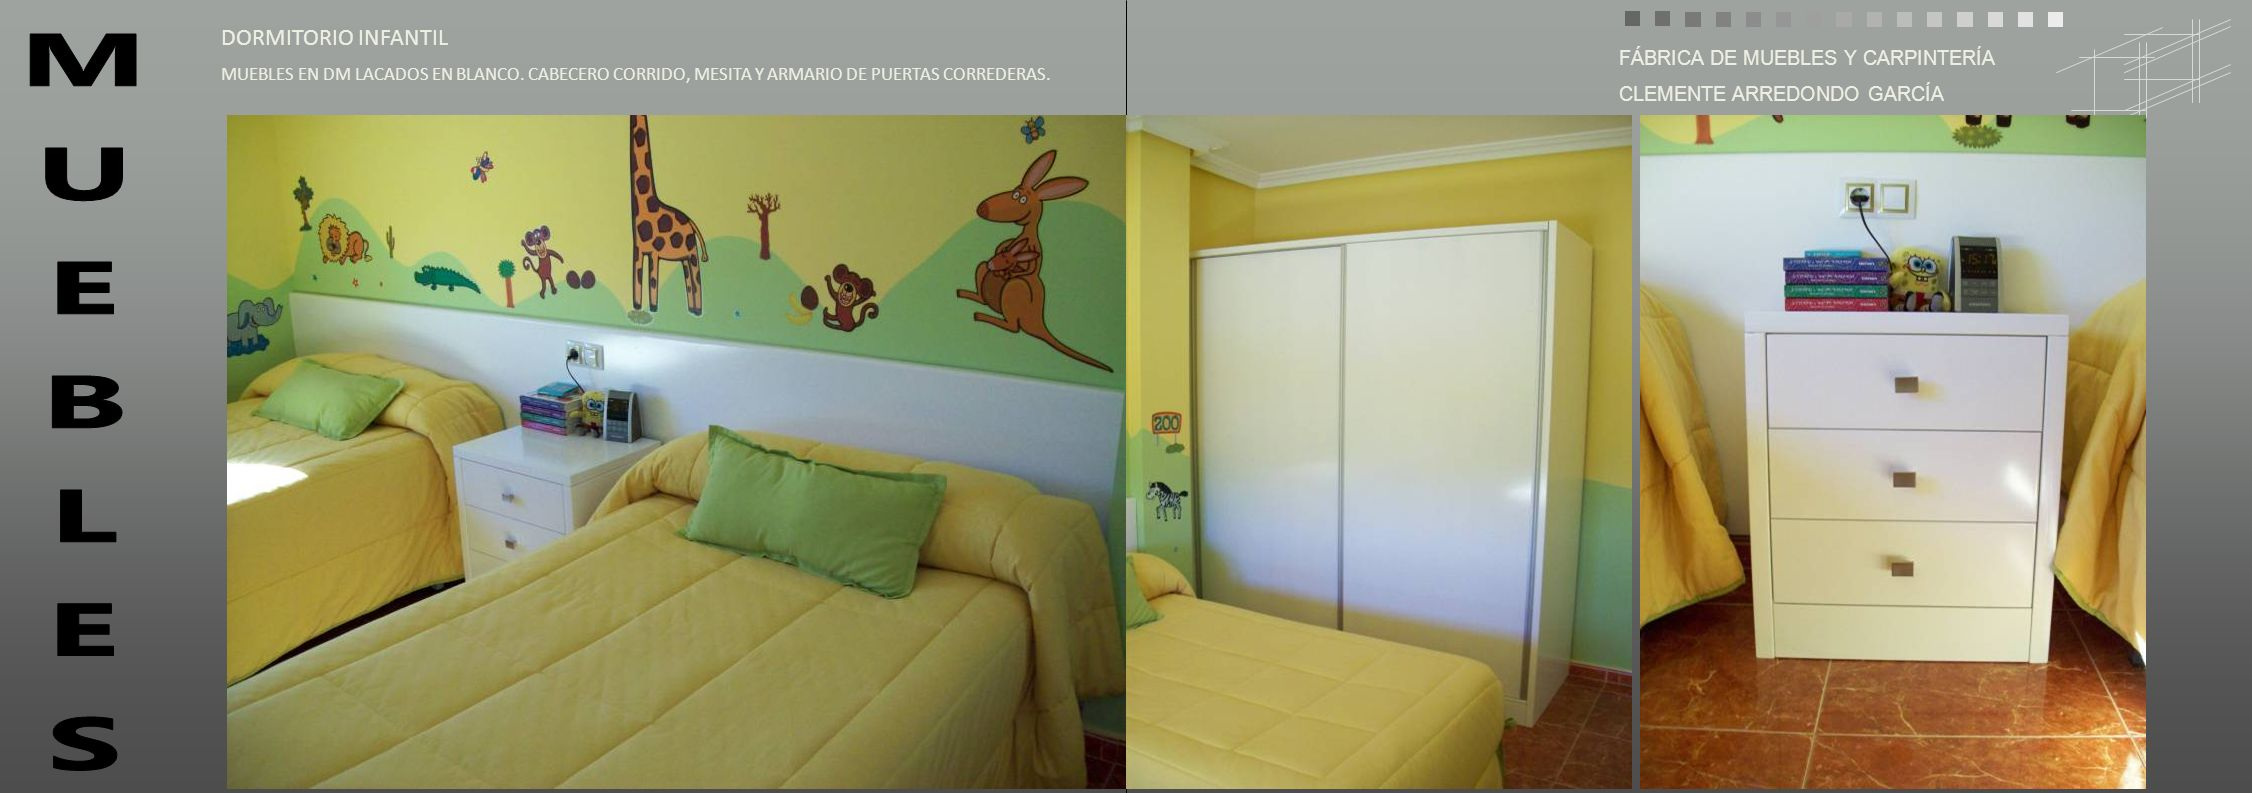 Obras oficina de turismo en plaza mariana pineda de granada ppt descargar - Dormitorios infantiles granada ...